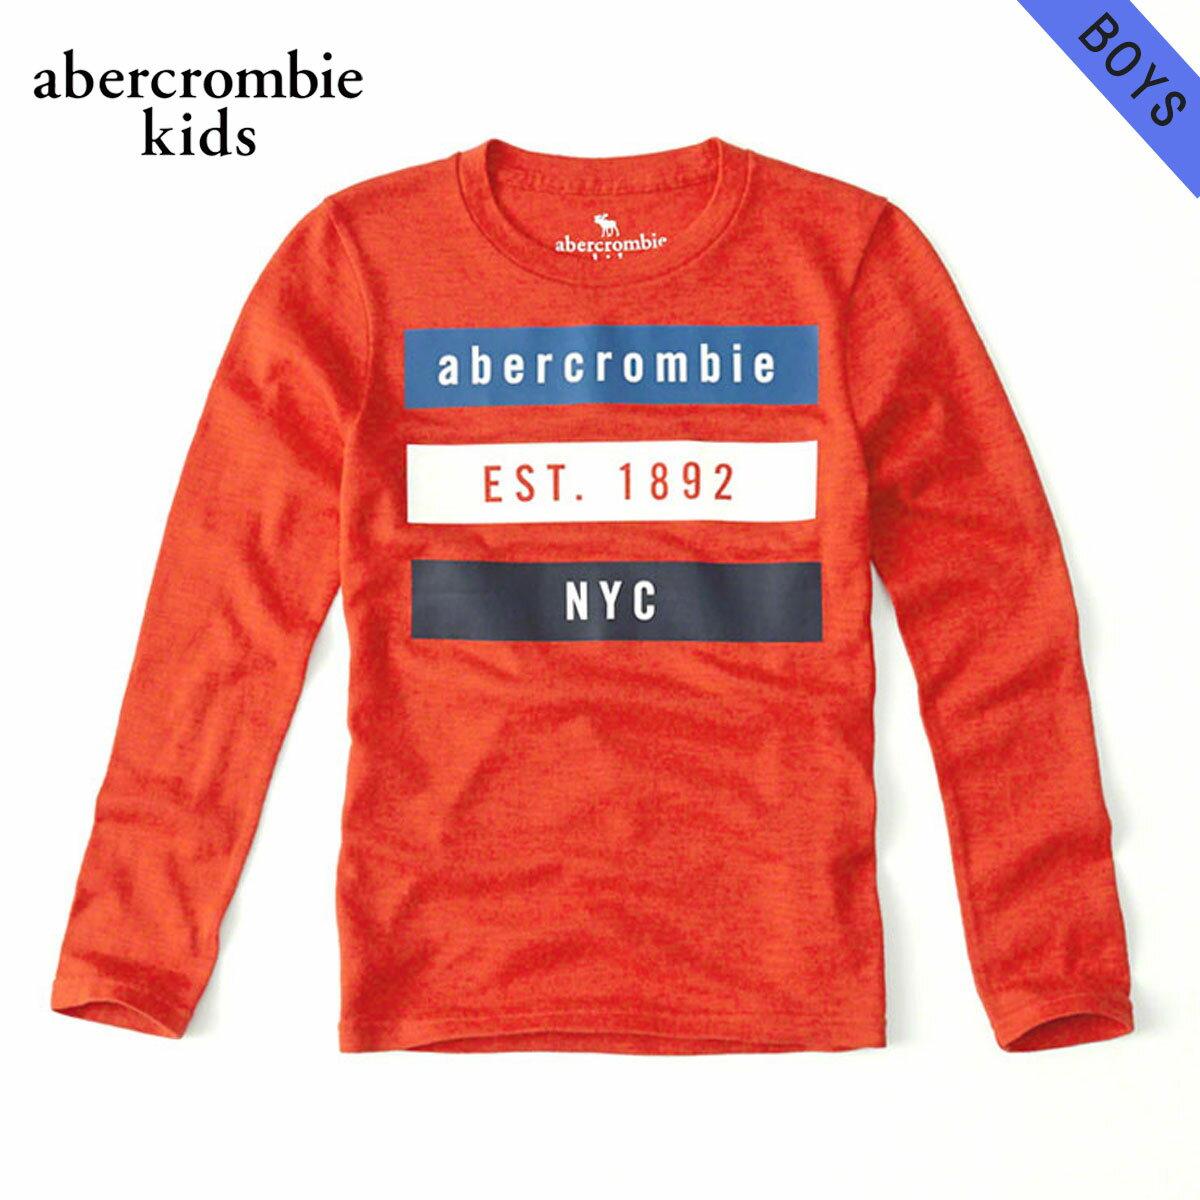 アバクロキッズTシャツボーイズ子供服正規品AbercrombieKids長袖Tシャツlong-sle